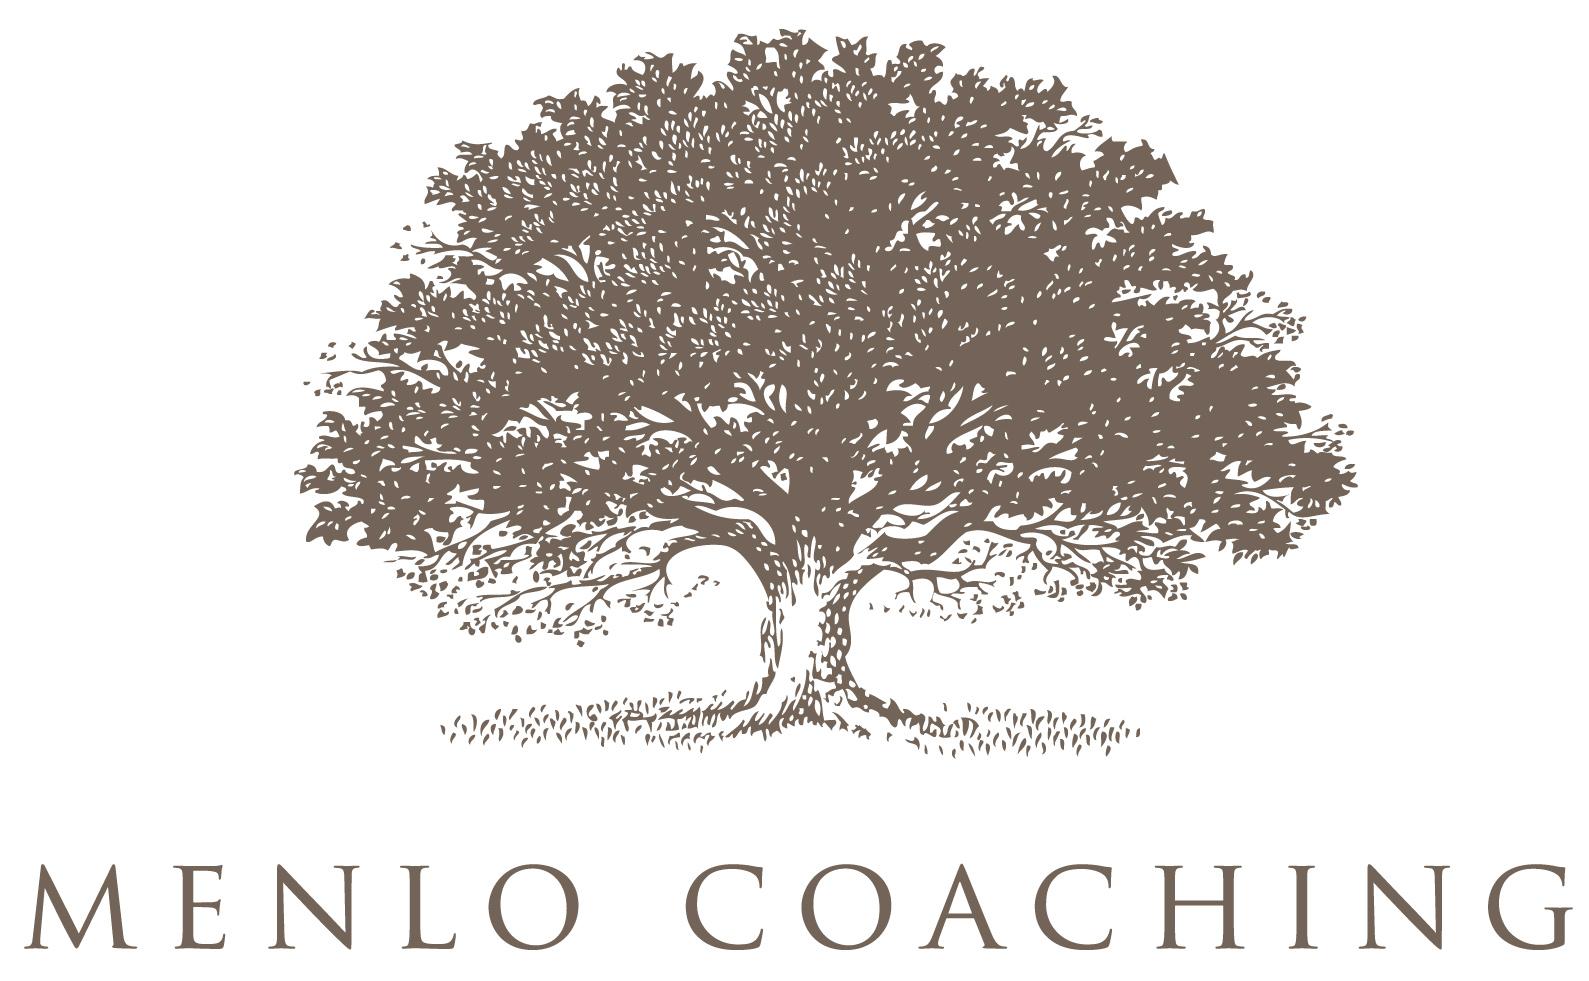 Menlo Coaching